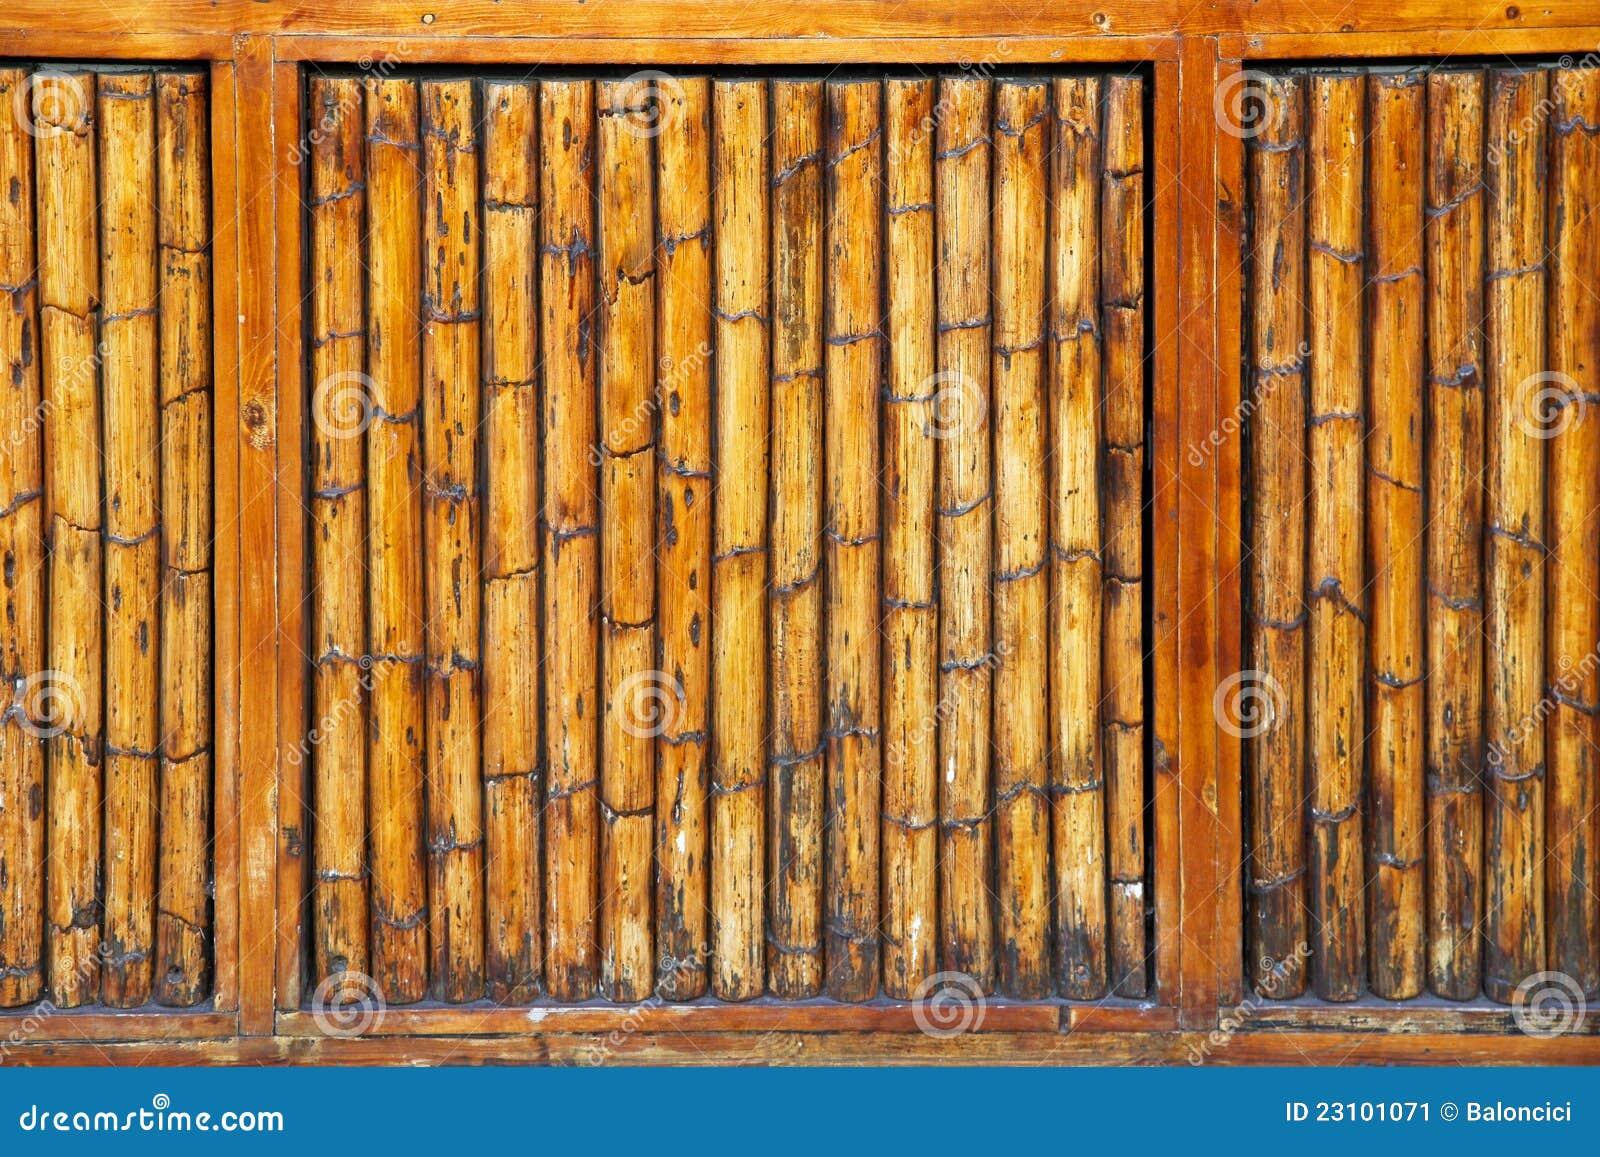 mur en bambou image stock image 23101071. Black Bedroom Furniture Sets. Home Design Ideas